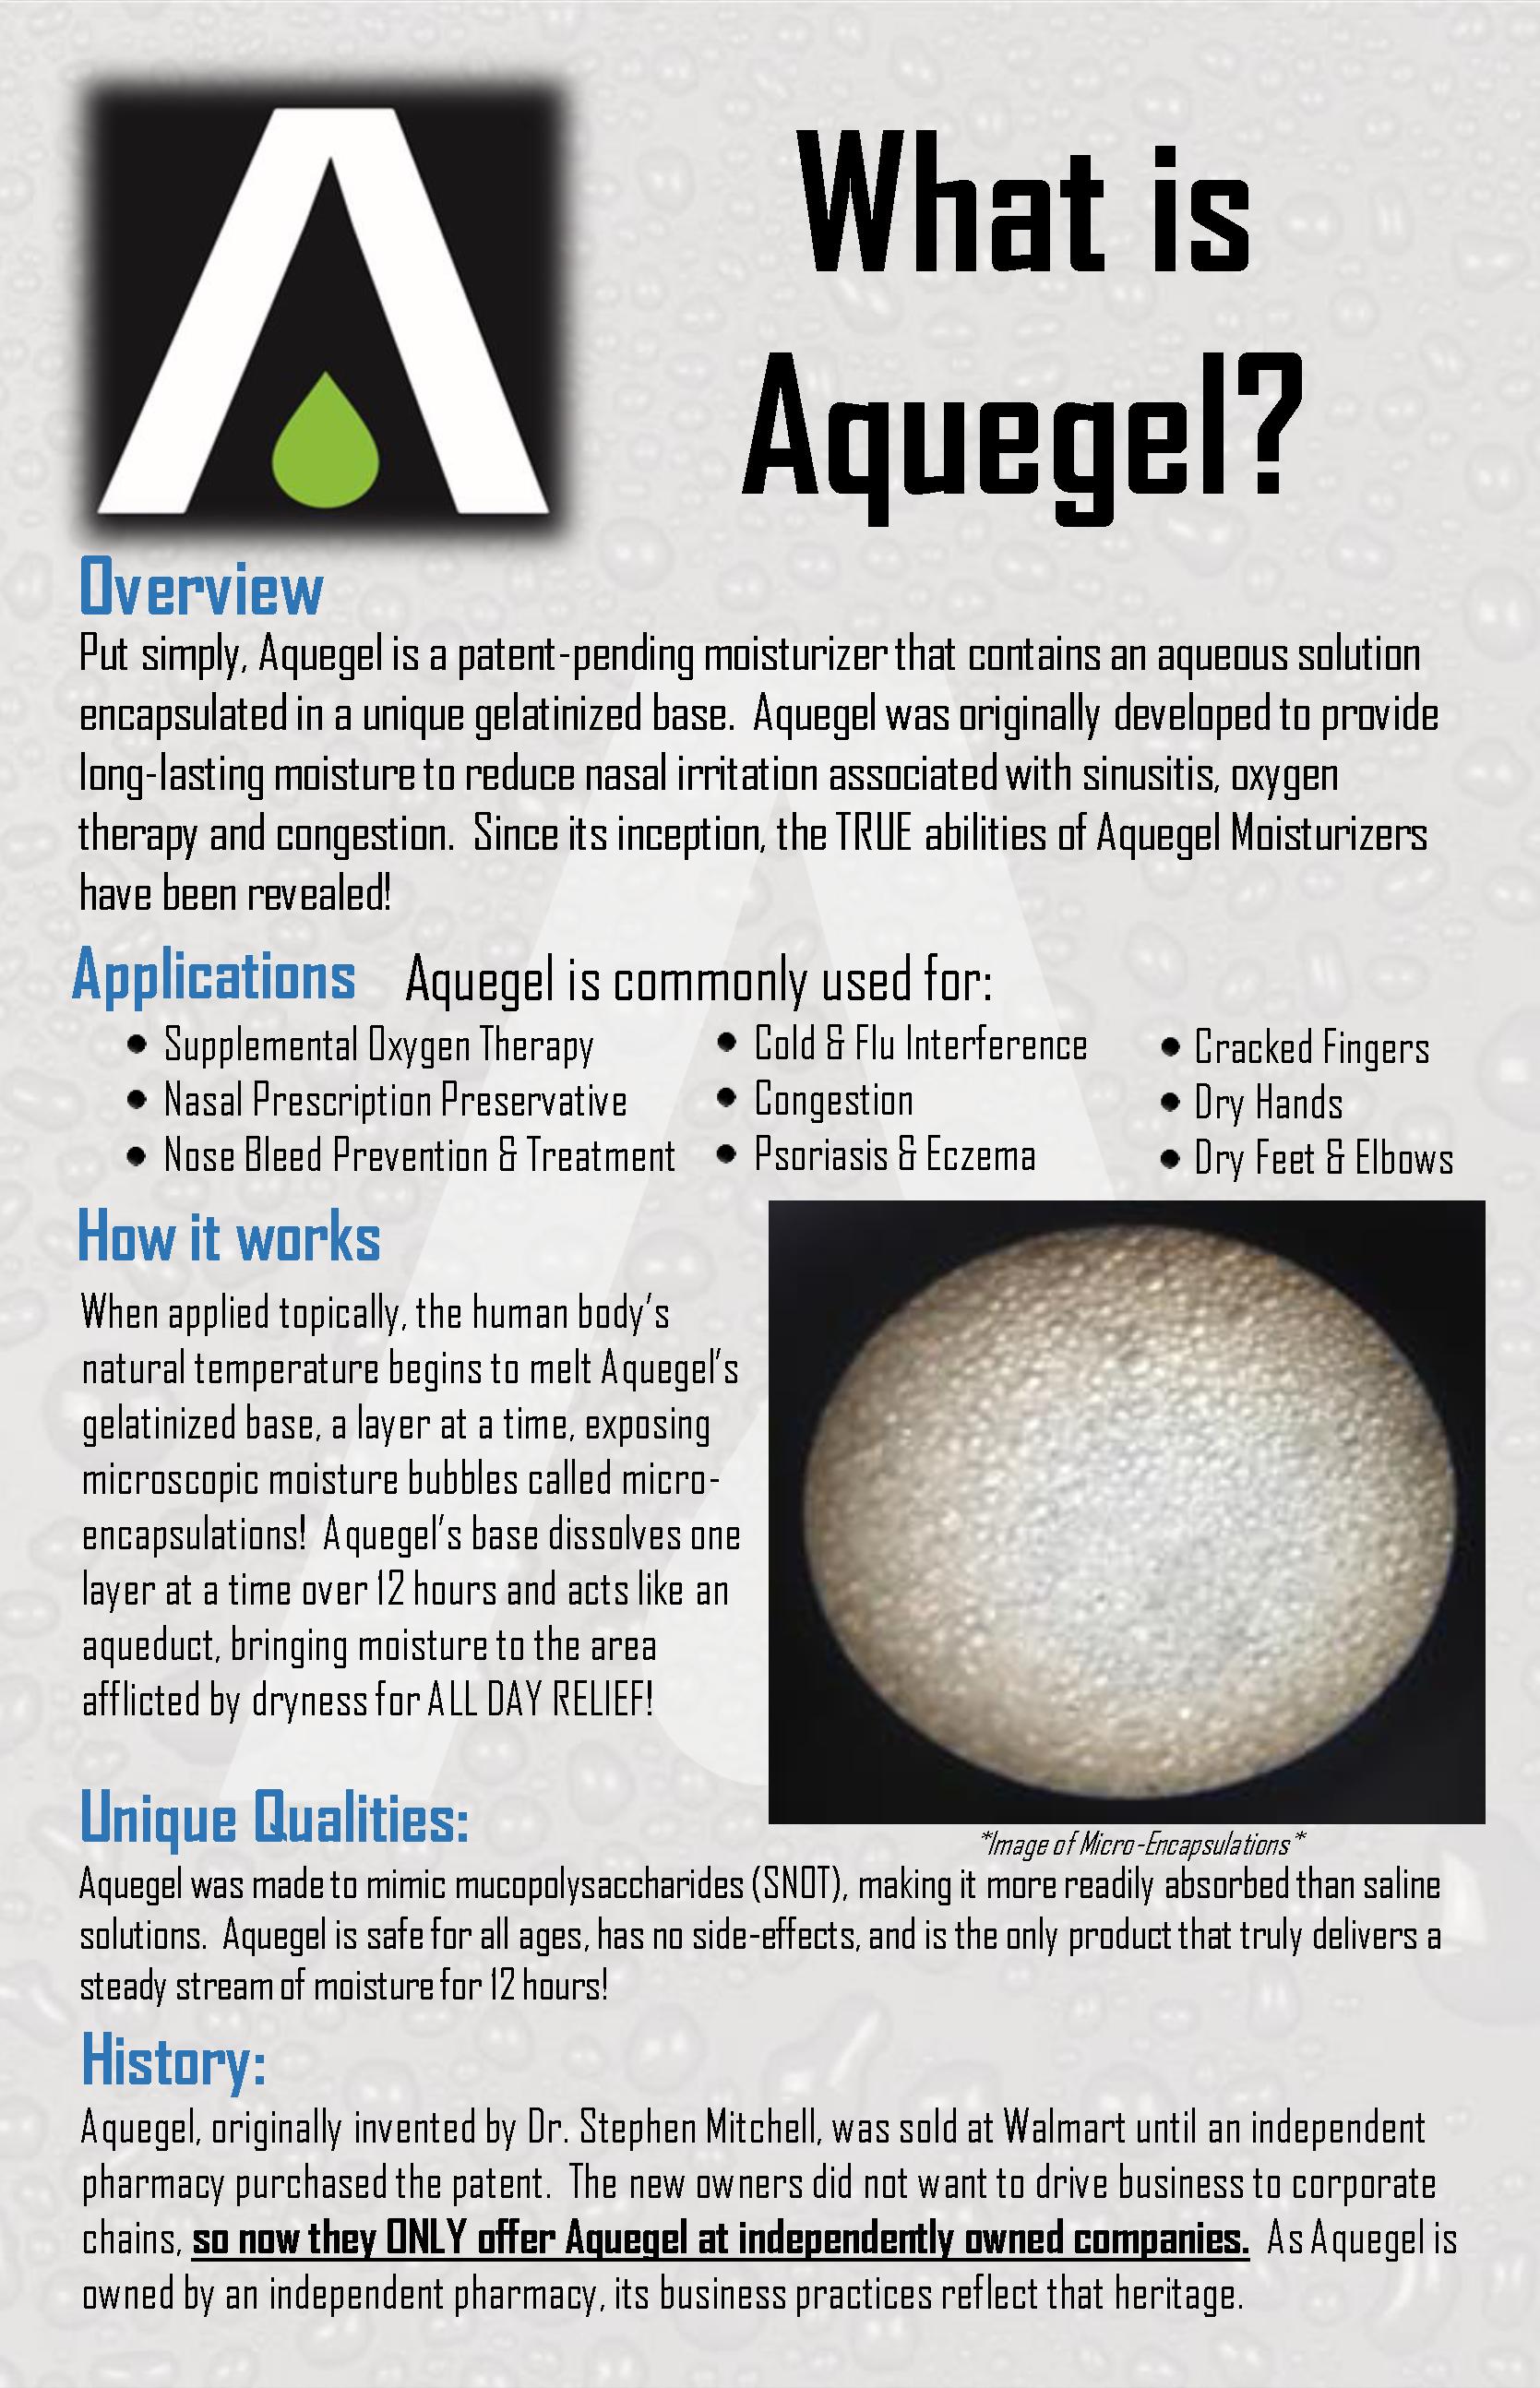 What is Aquegel?